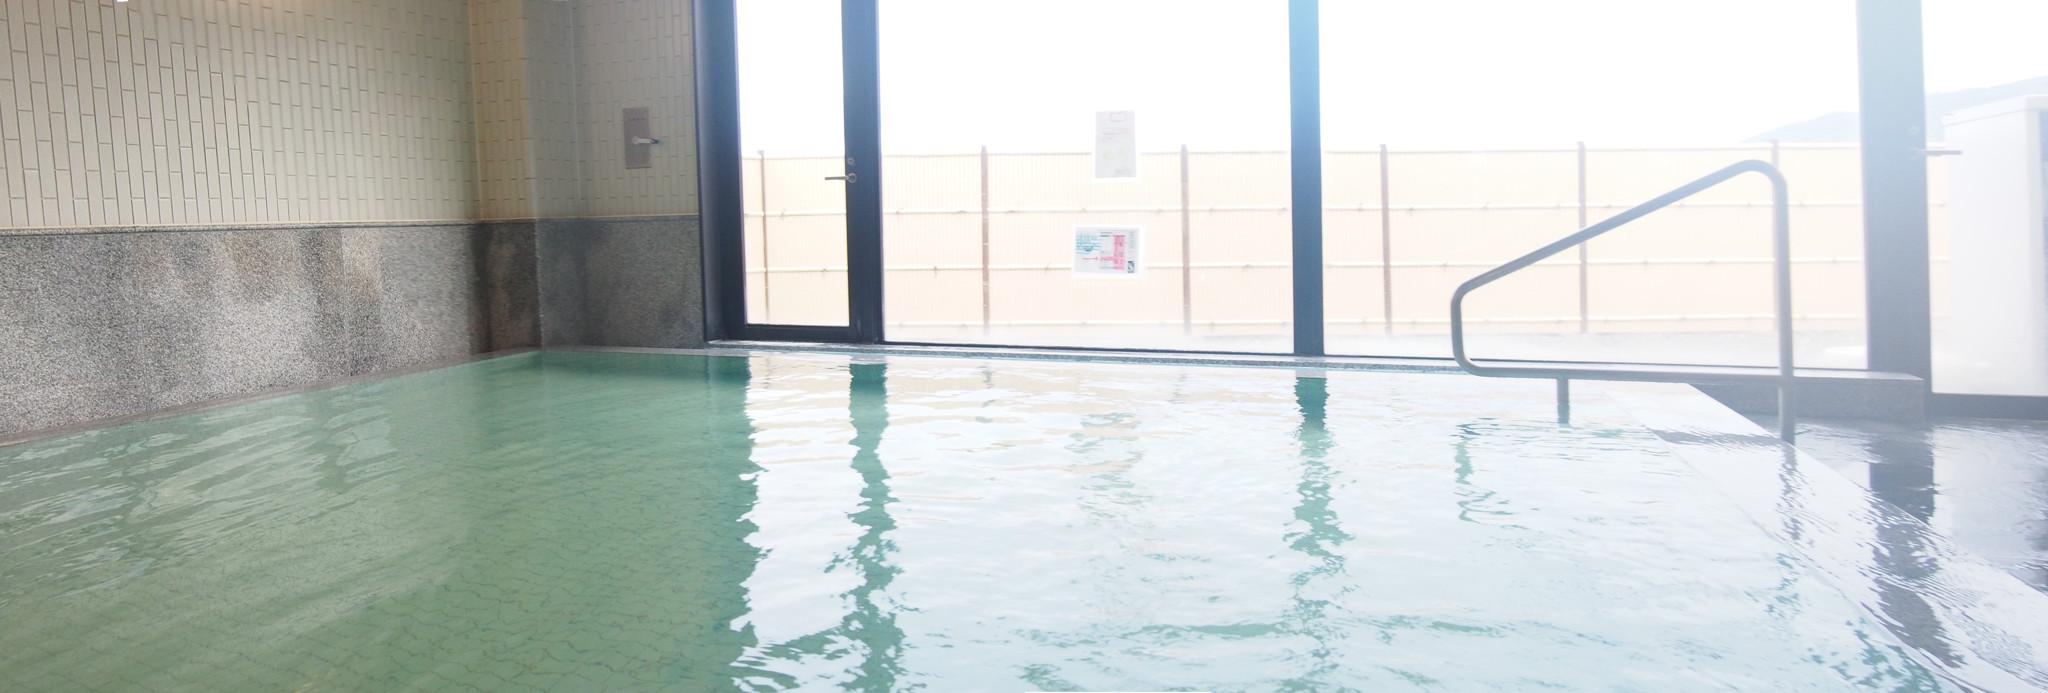 韮崎旭温泉 内湯写真